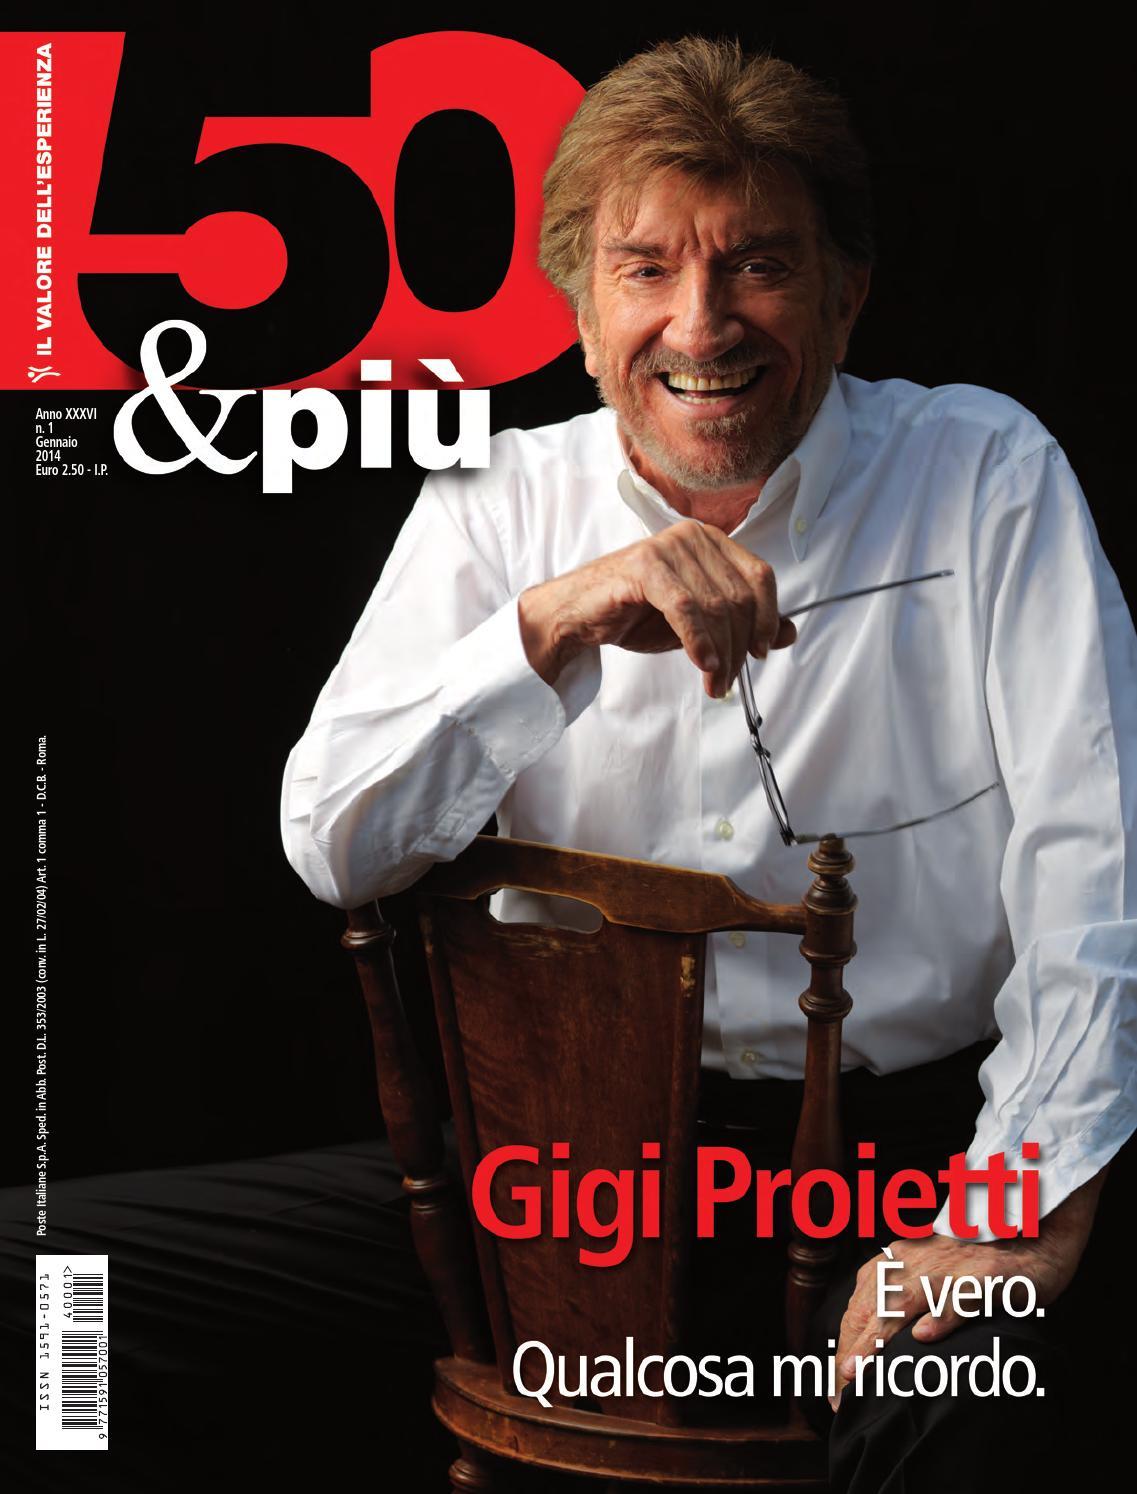 GENNAIO 2014 by 50epiu - issuu 9e992e3982f